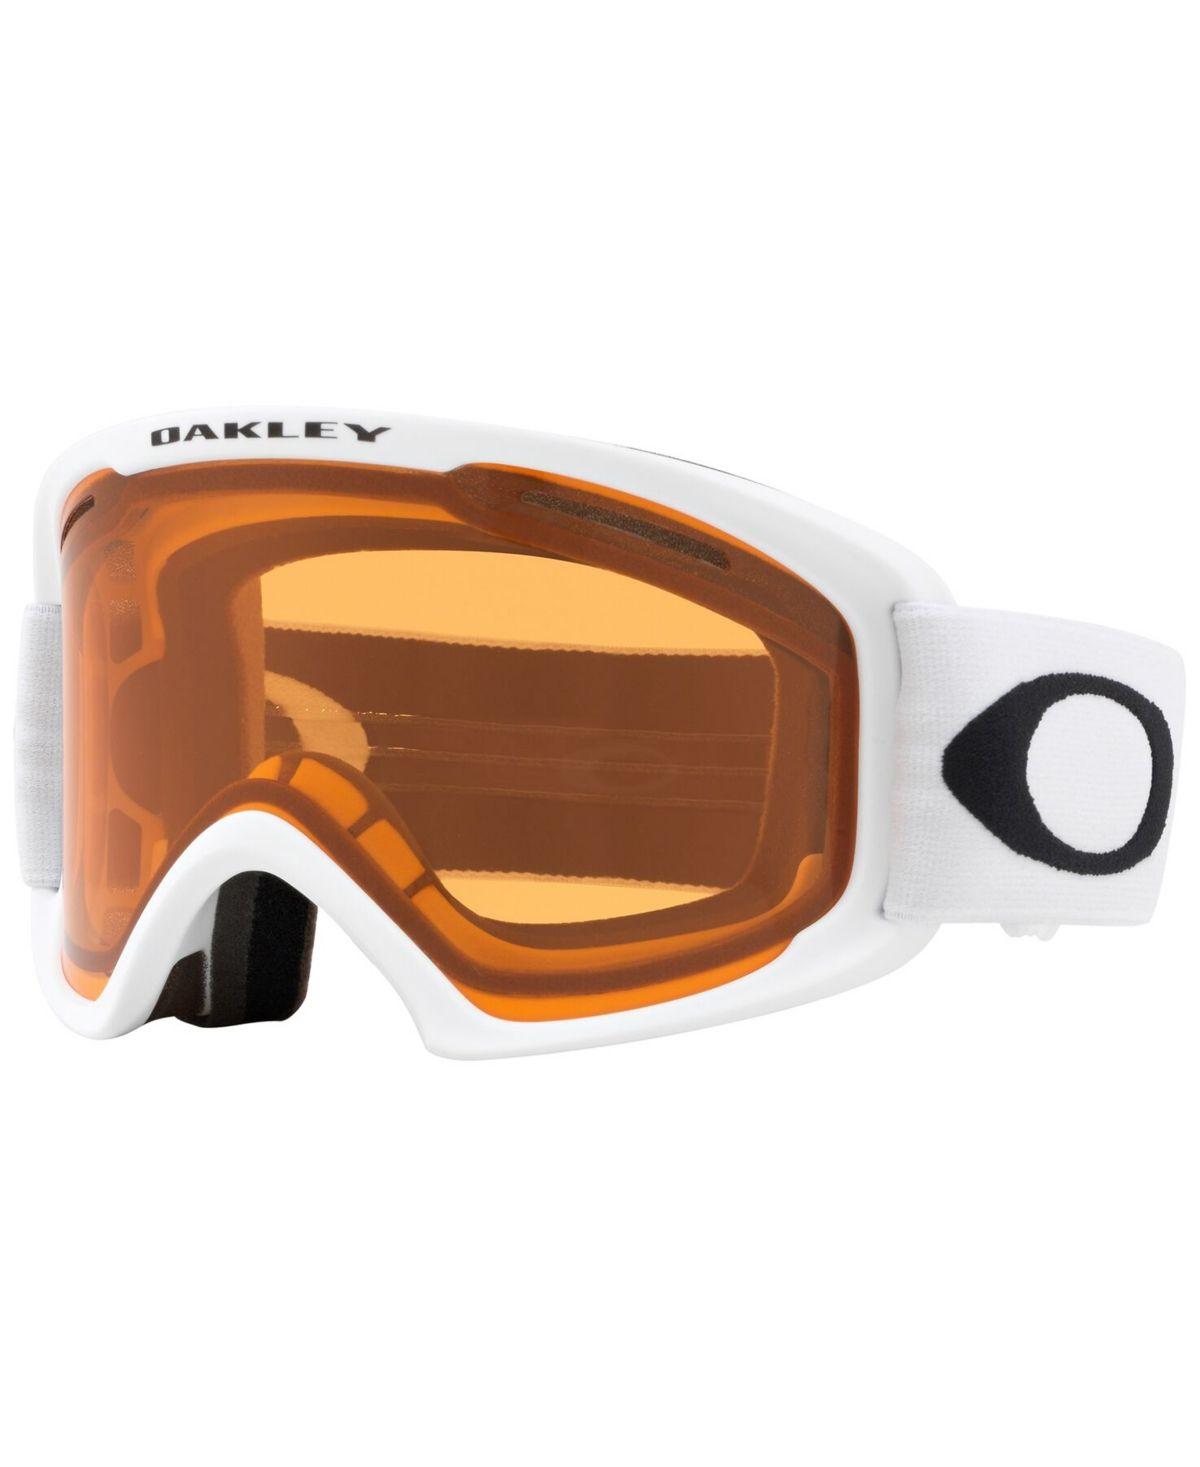 Oakley Unisex Frame 2 0 Goggles Sunglasses Matte White Persimmon Dark Grey Oakley Snow Goggles Fashion Frames